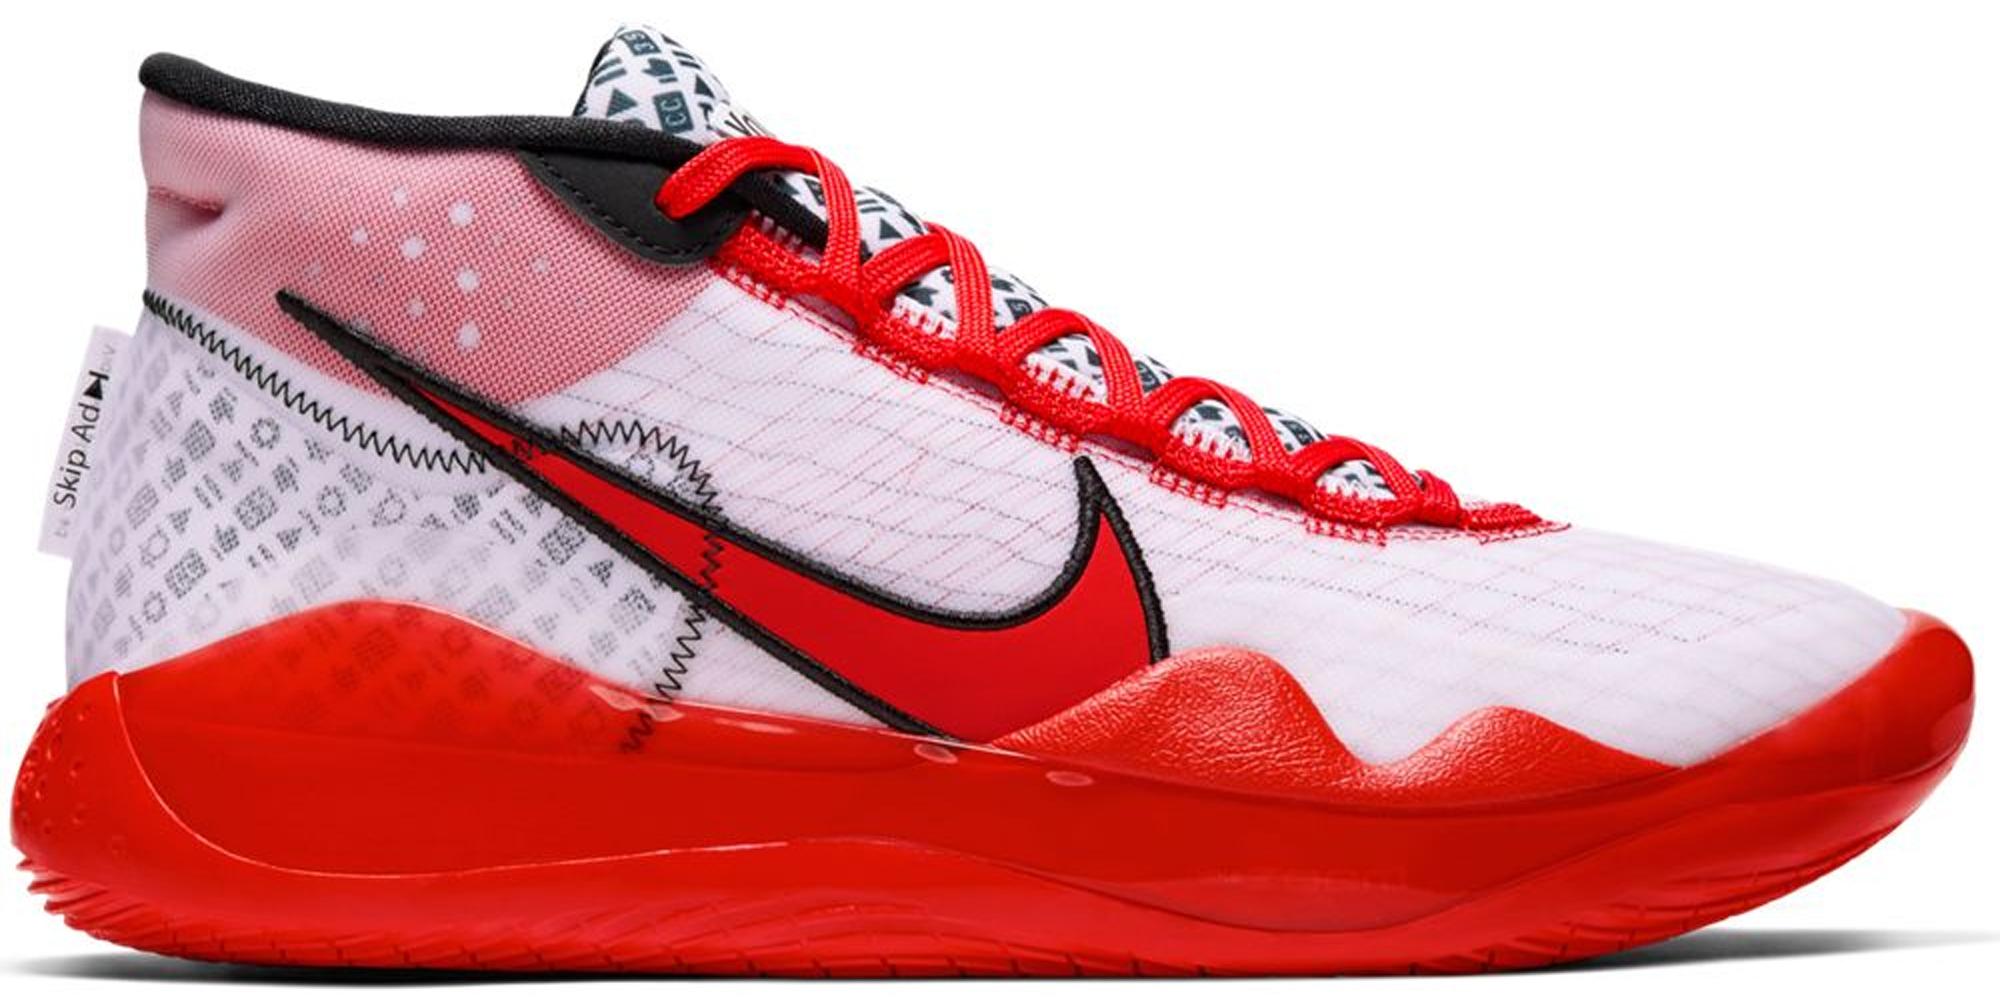 kd 12 shoes